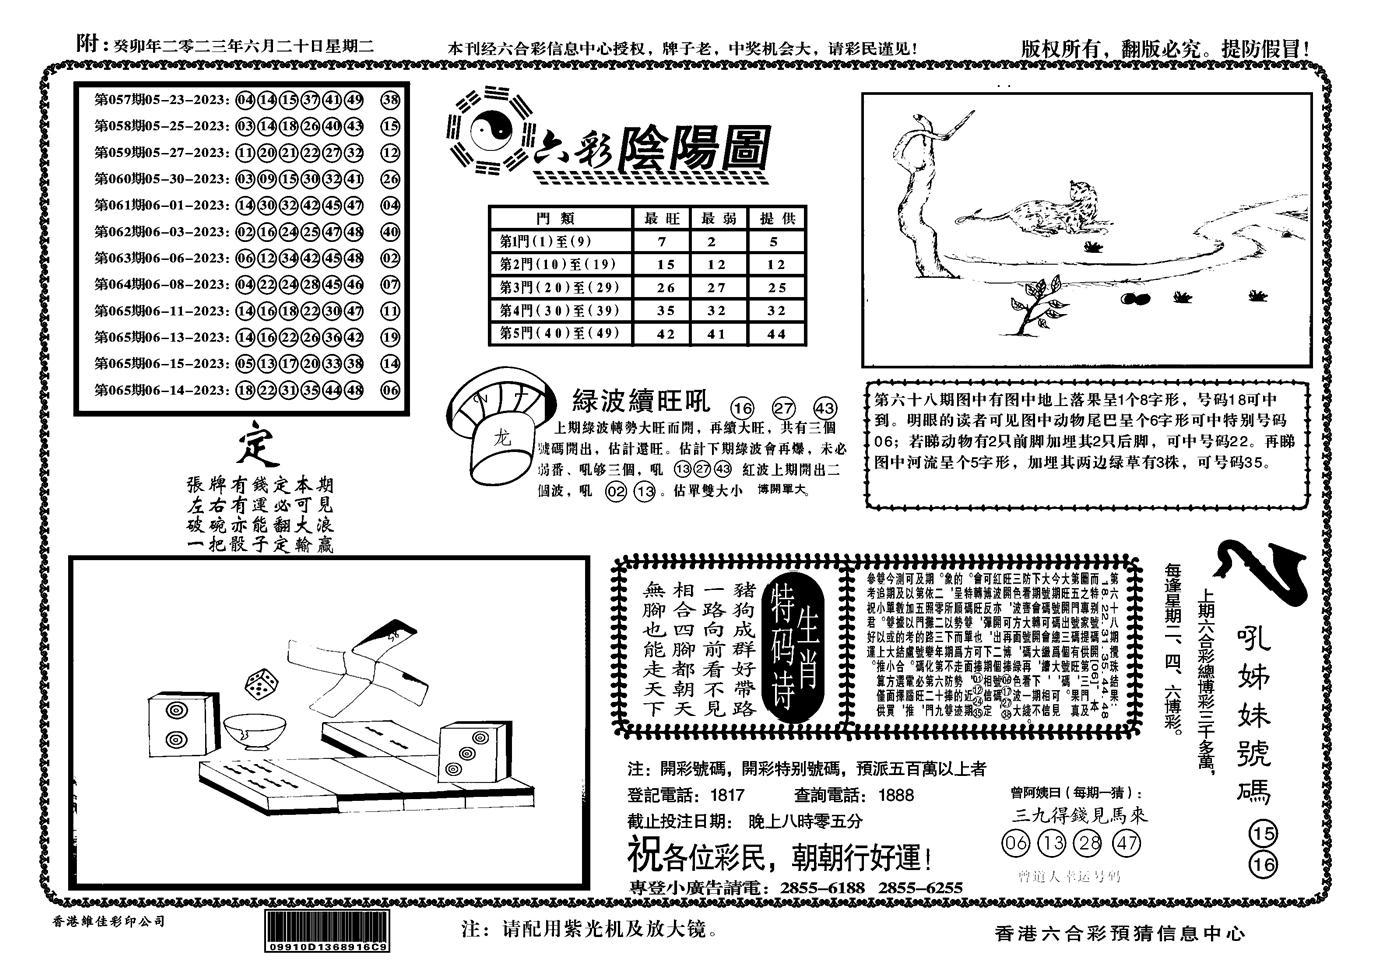 069期六彩阴阳(正版)(黑白)